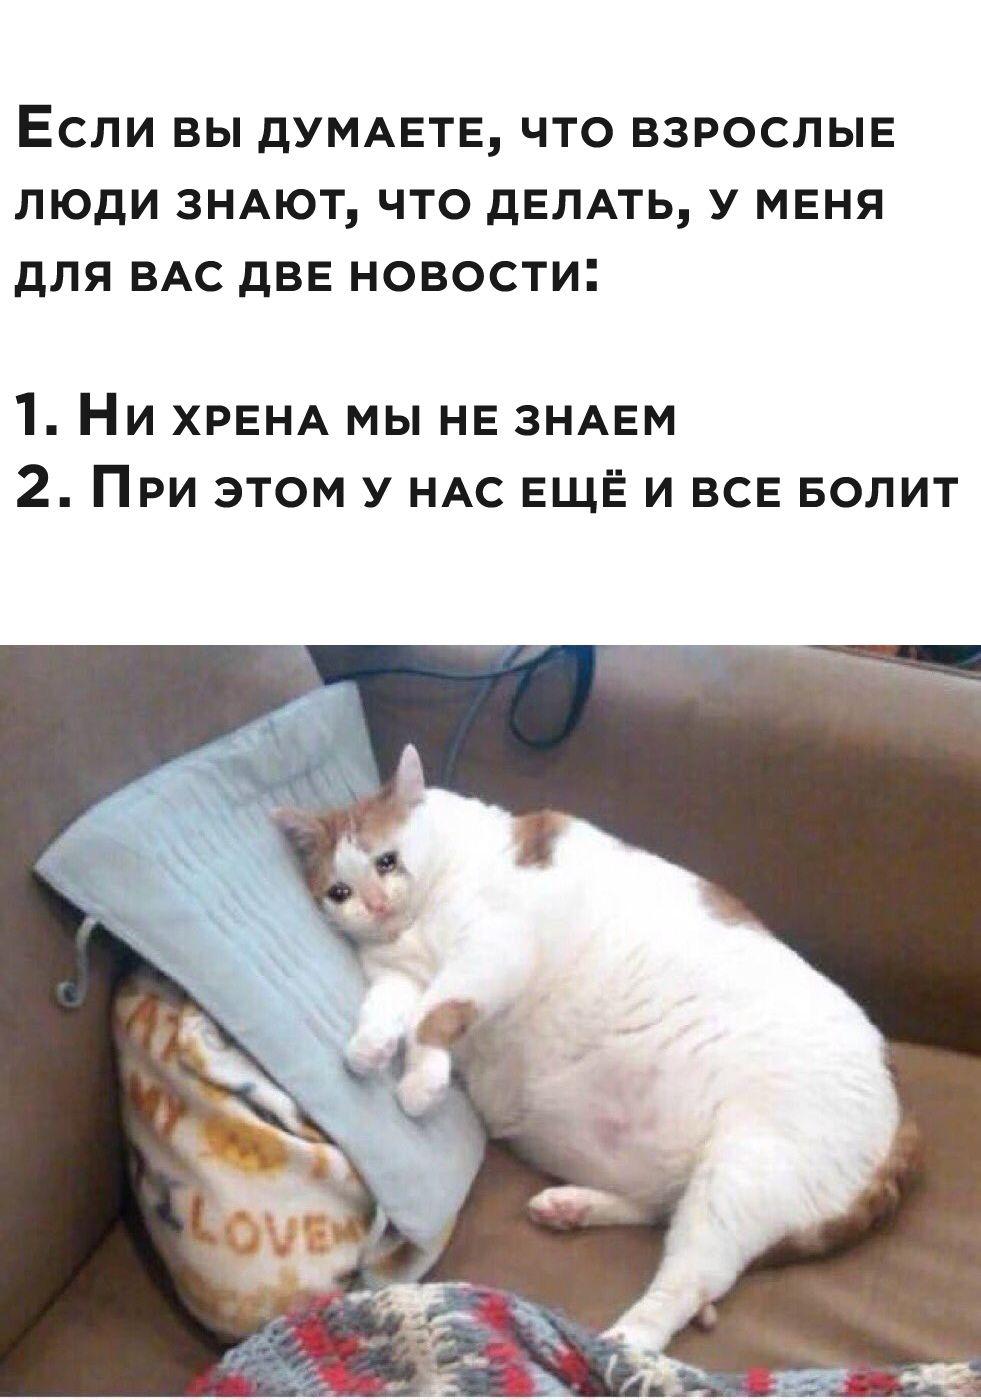 http://forumupload.ru/uploads/001a/74/14/129/485388.jpg